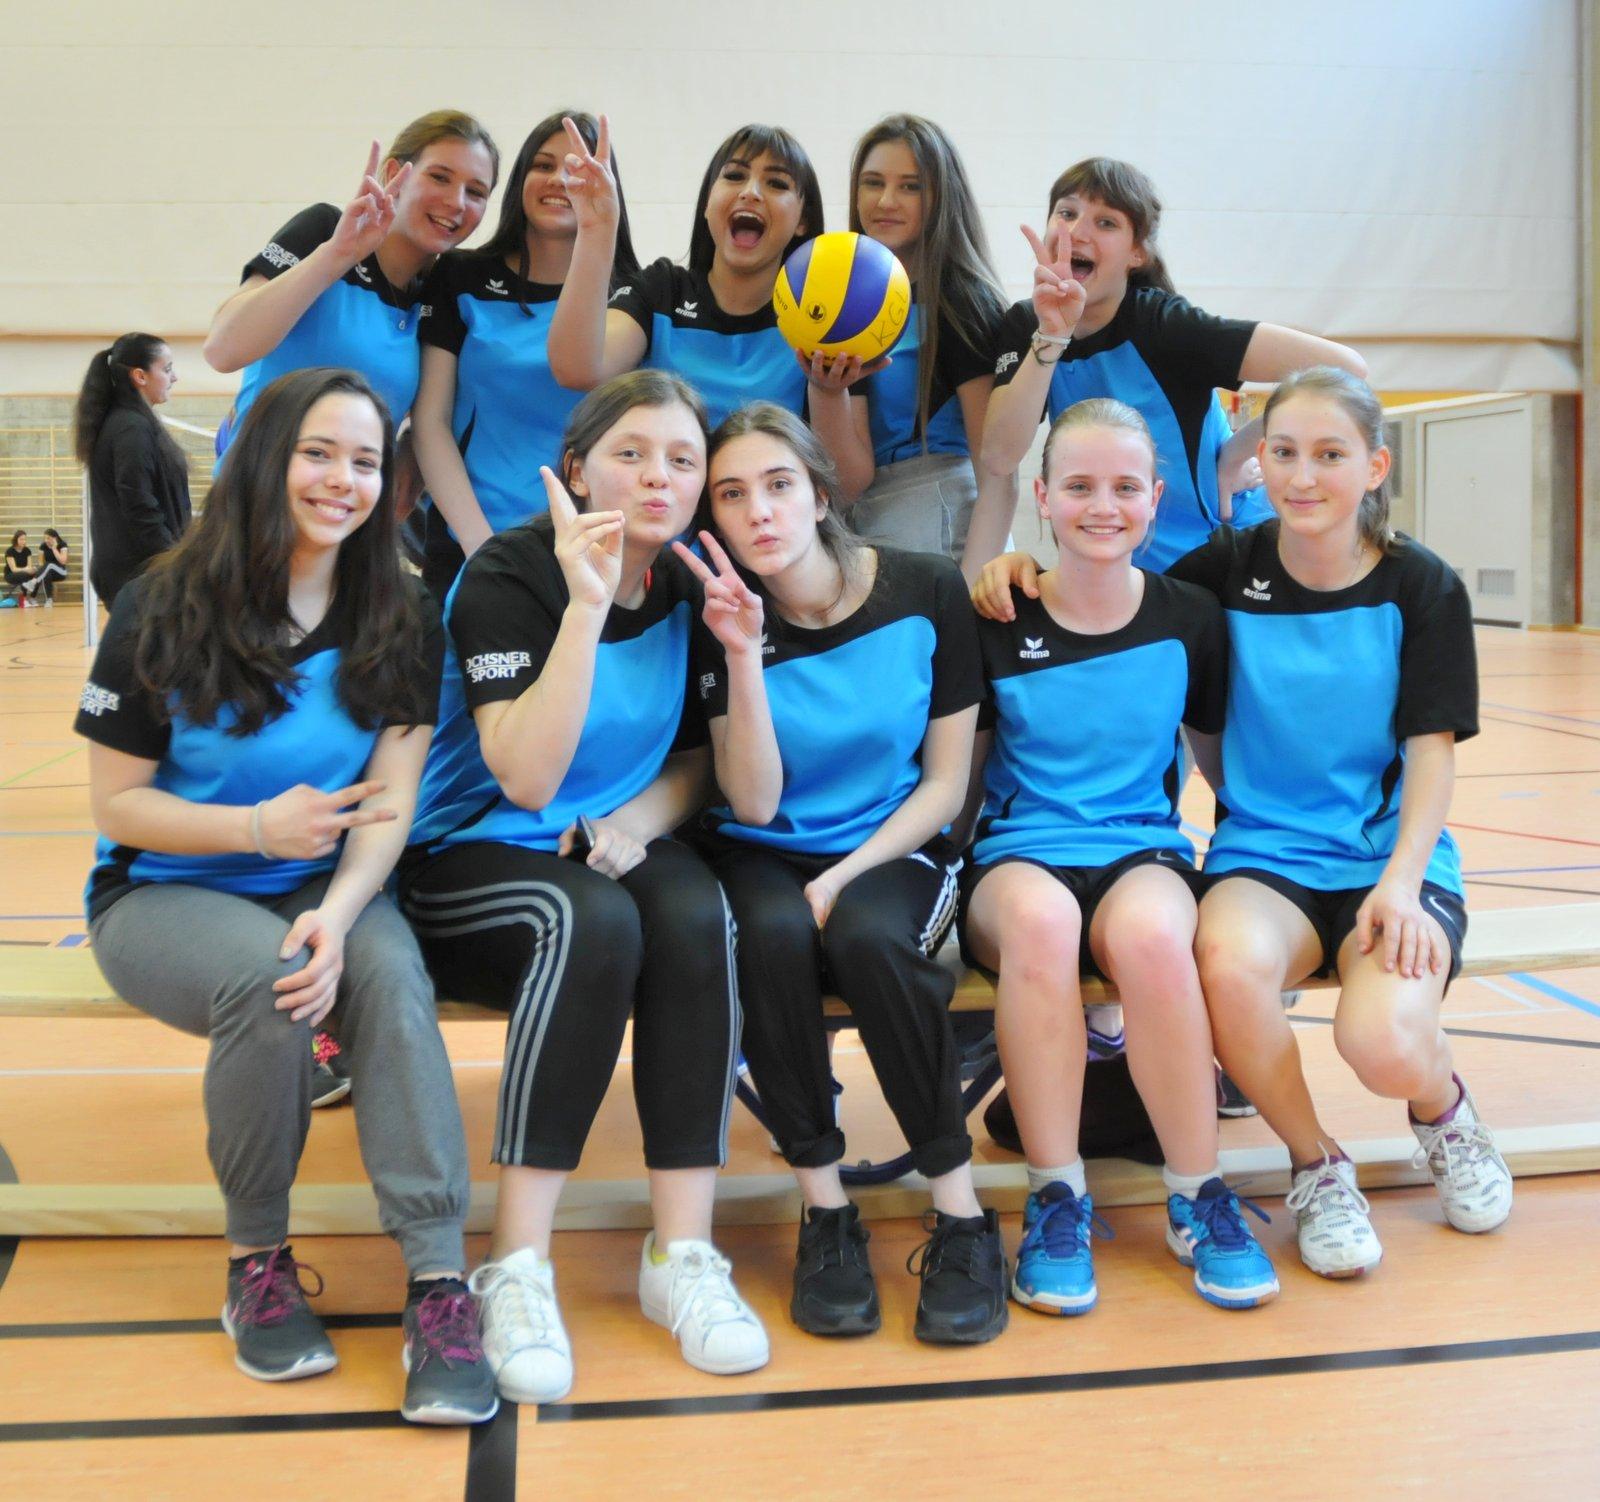 Sieger Volleyball Mädchen 2017